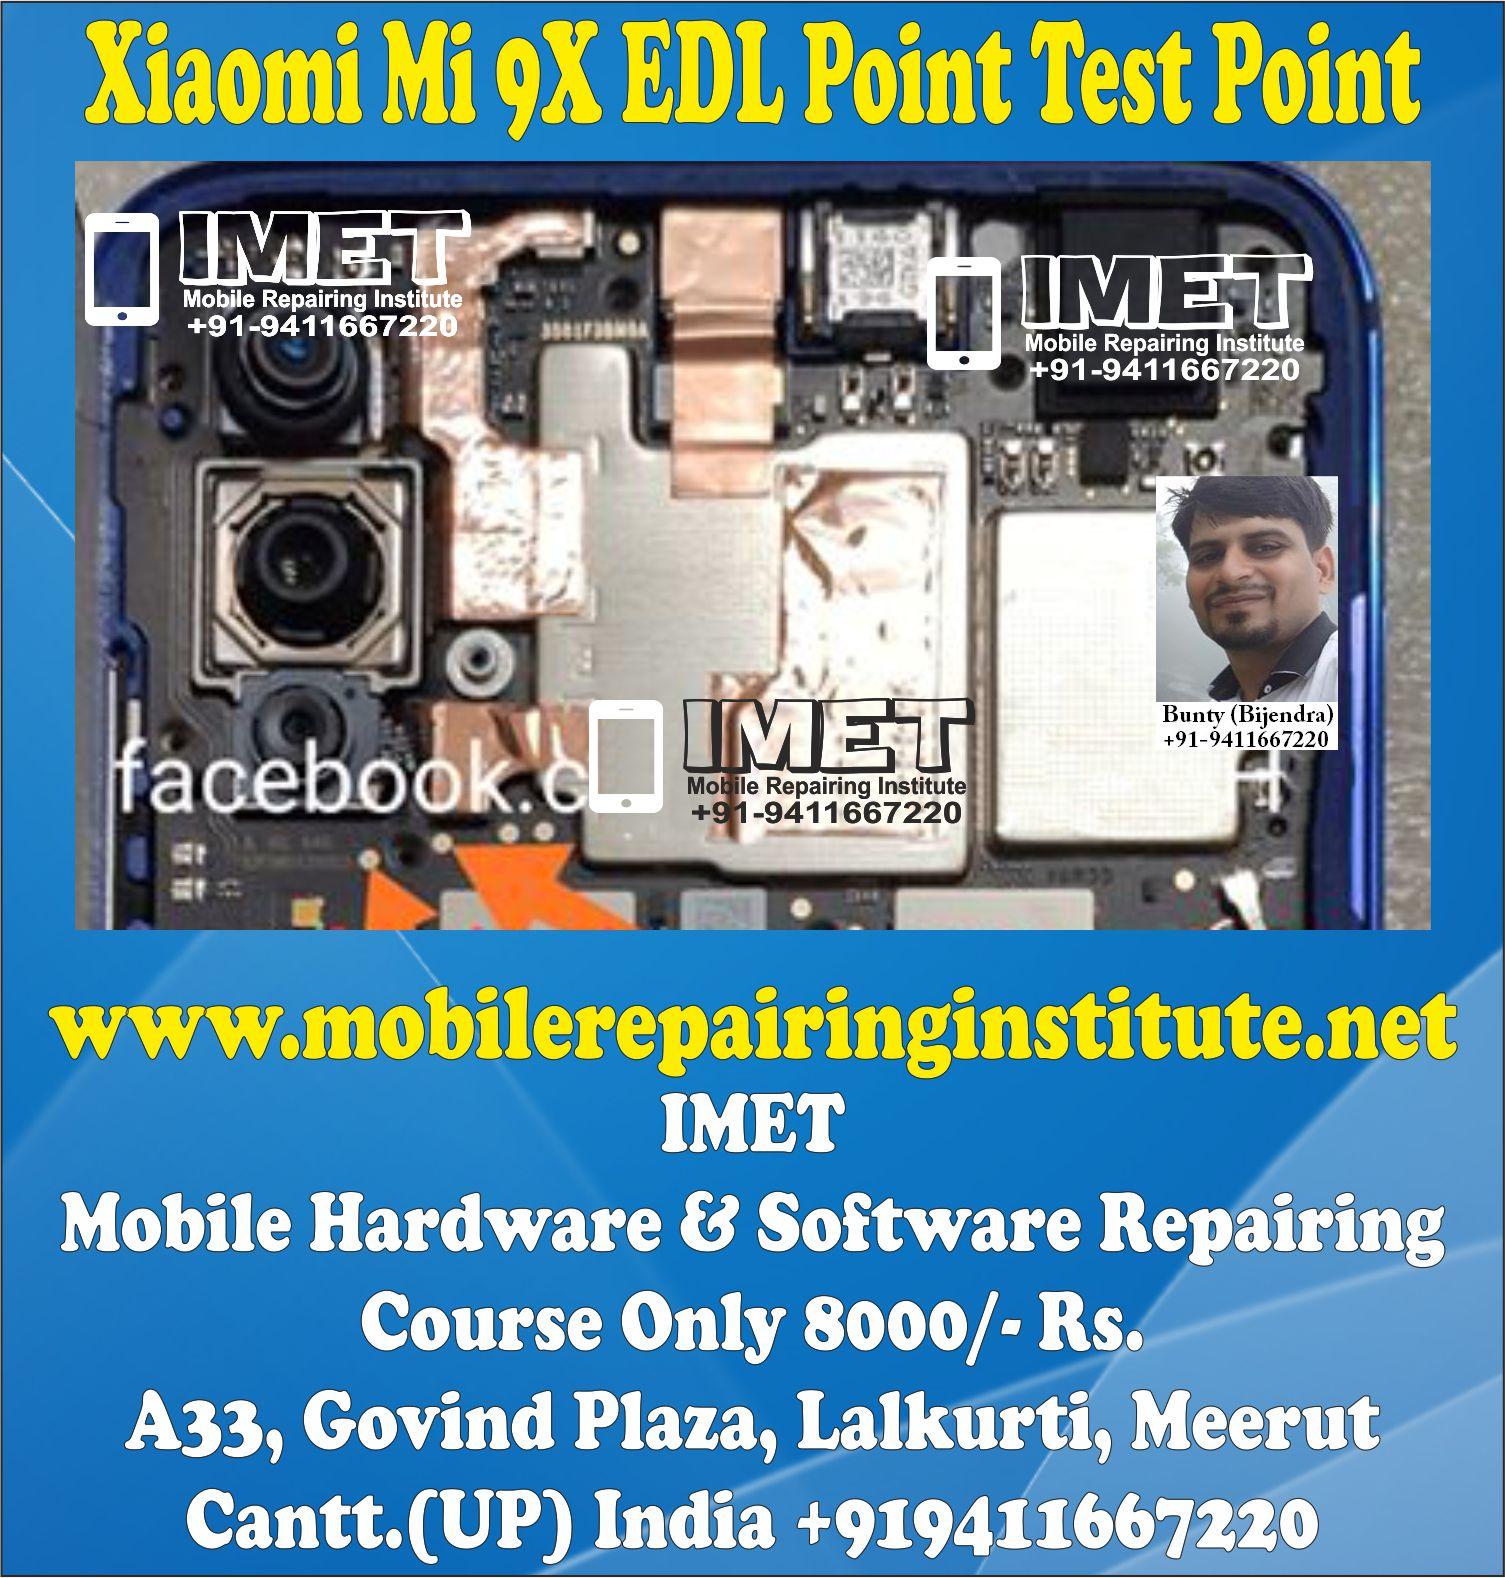 Xiaomi Mi 9X EDL Point Test Point